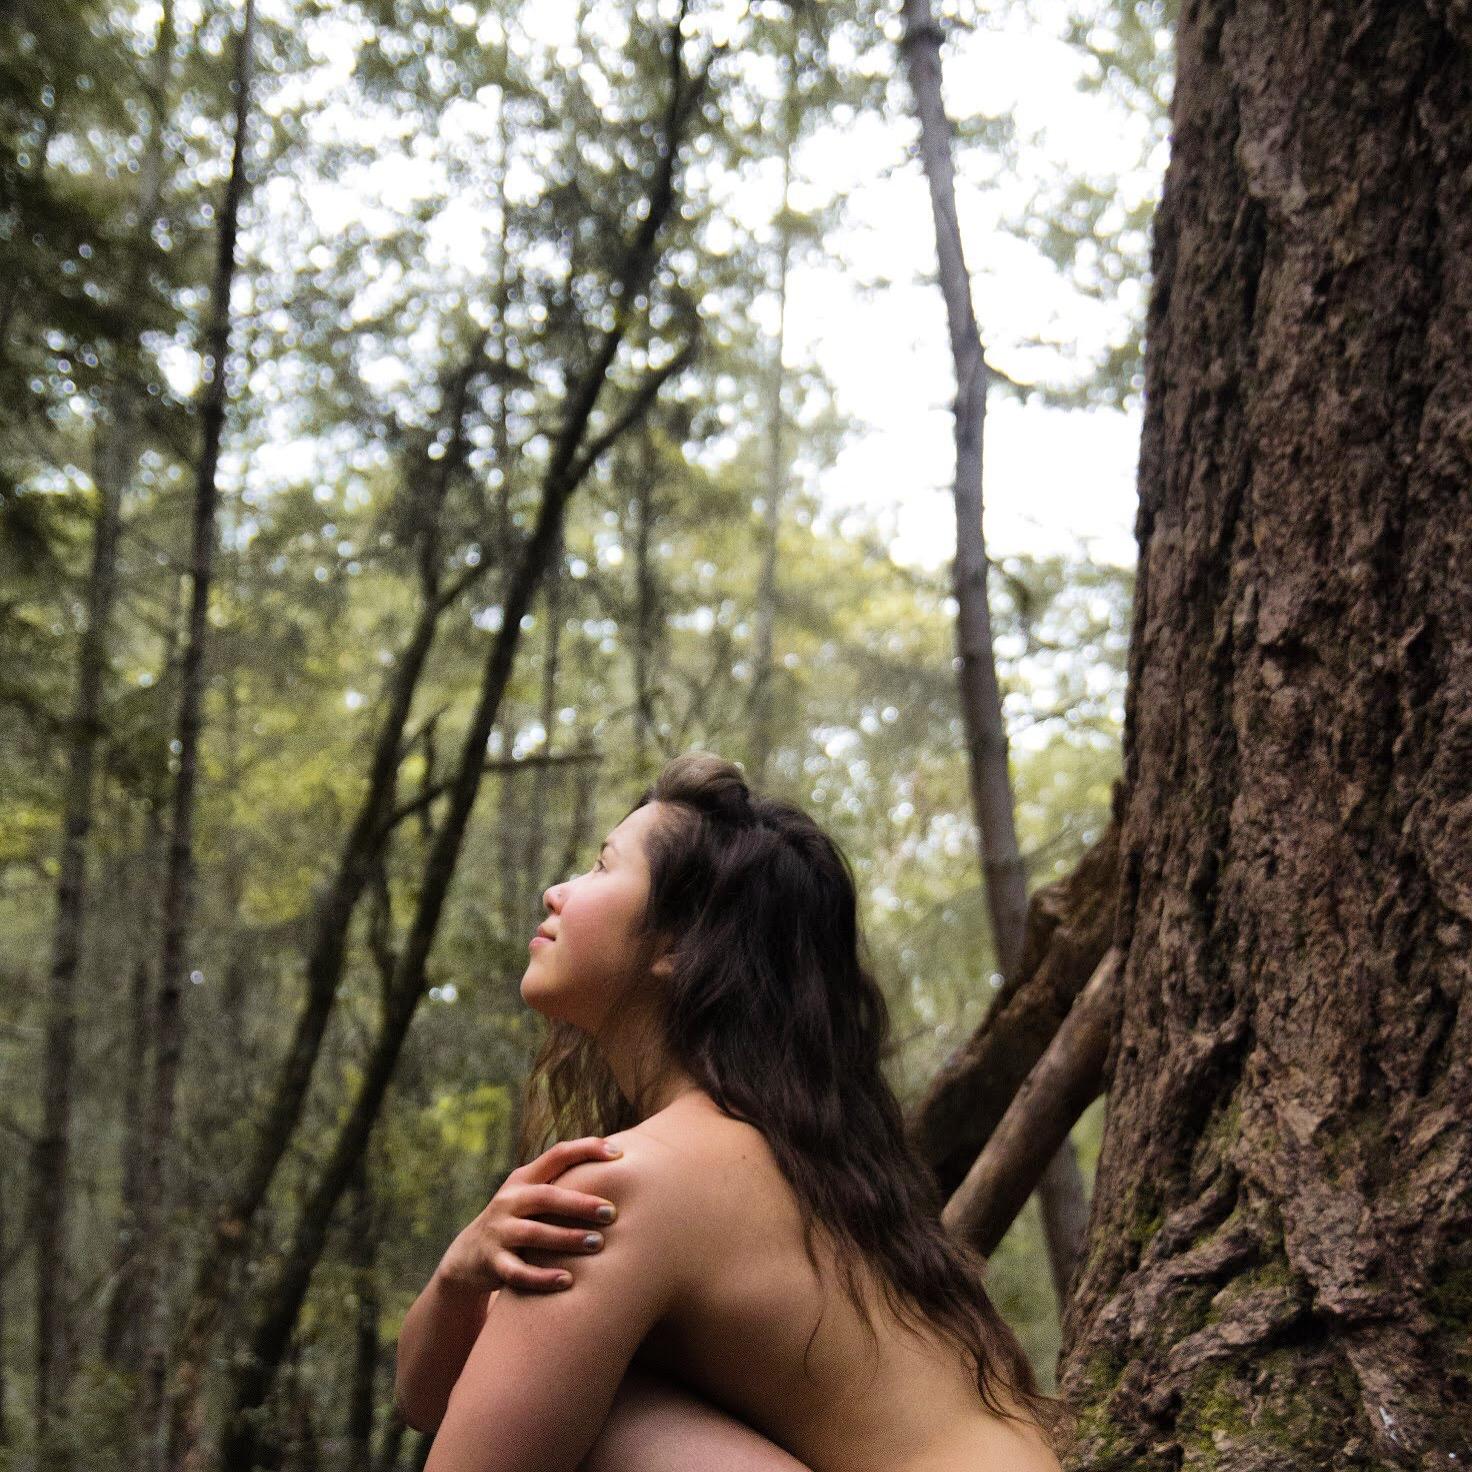 Photo by Danielle Del Rosario.